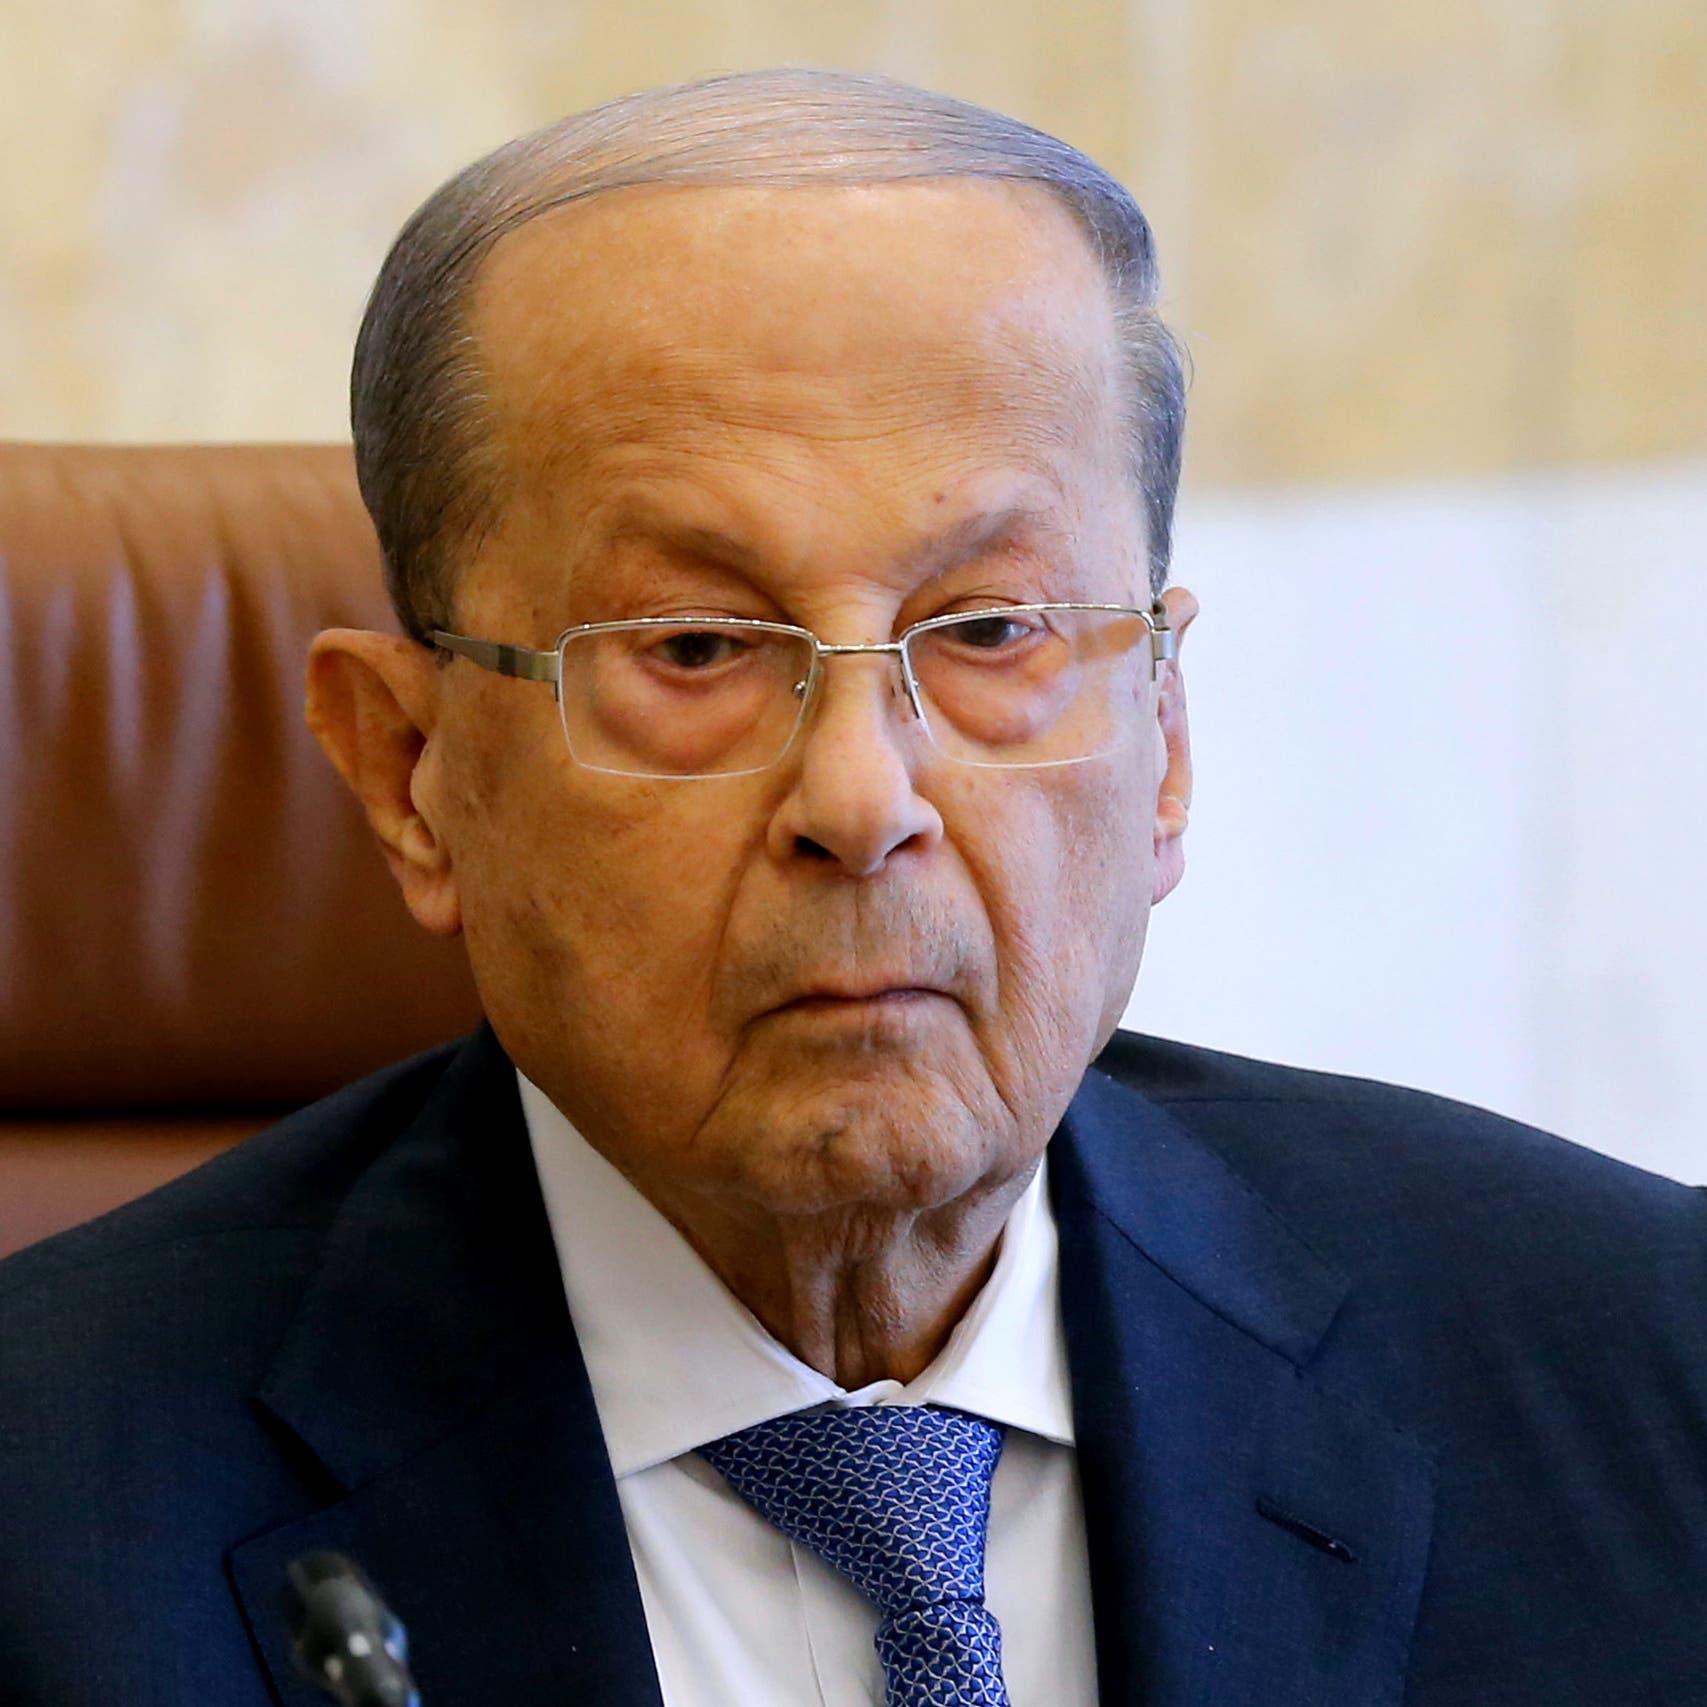 رئيس لبنان يعزي نظيريه بإيران والعراق بقتل سليماني والمهندس